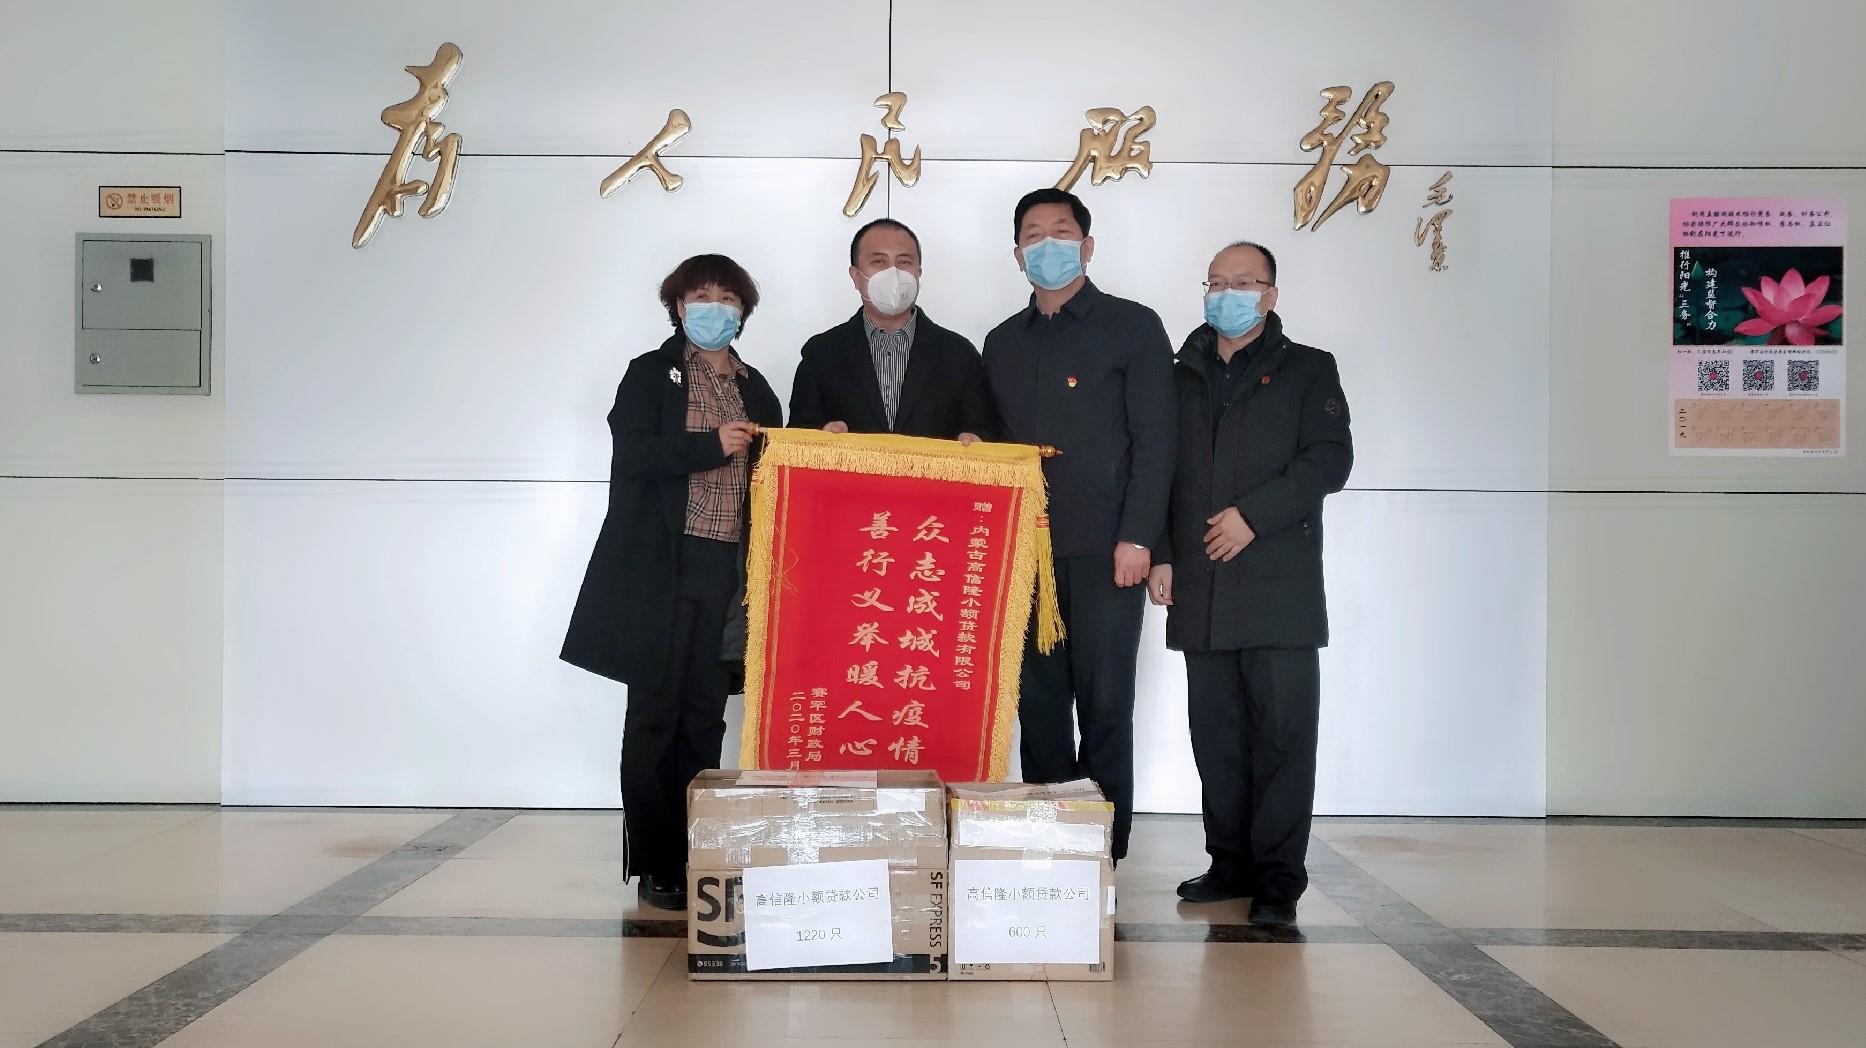 【风雨同舟 共克时艰】内蒙古高信隆向呼市赛罕区财政局捐赠防疫物资(图1)